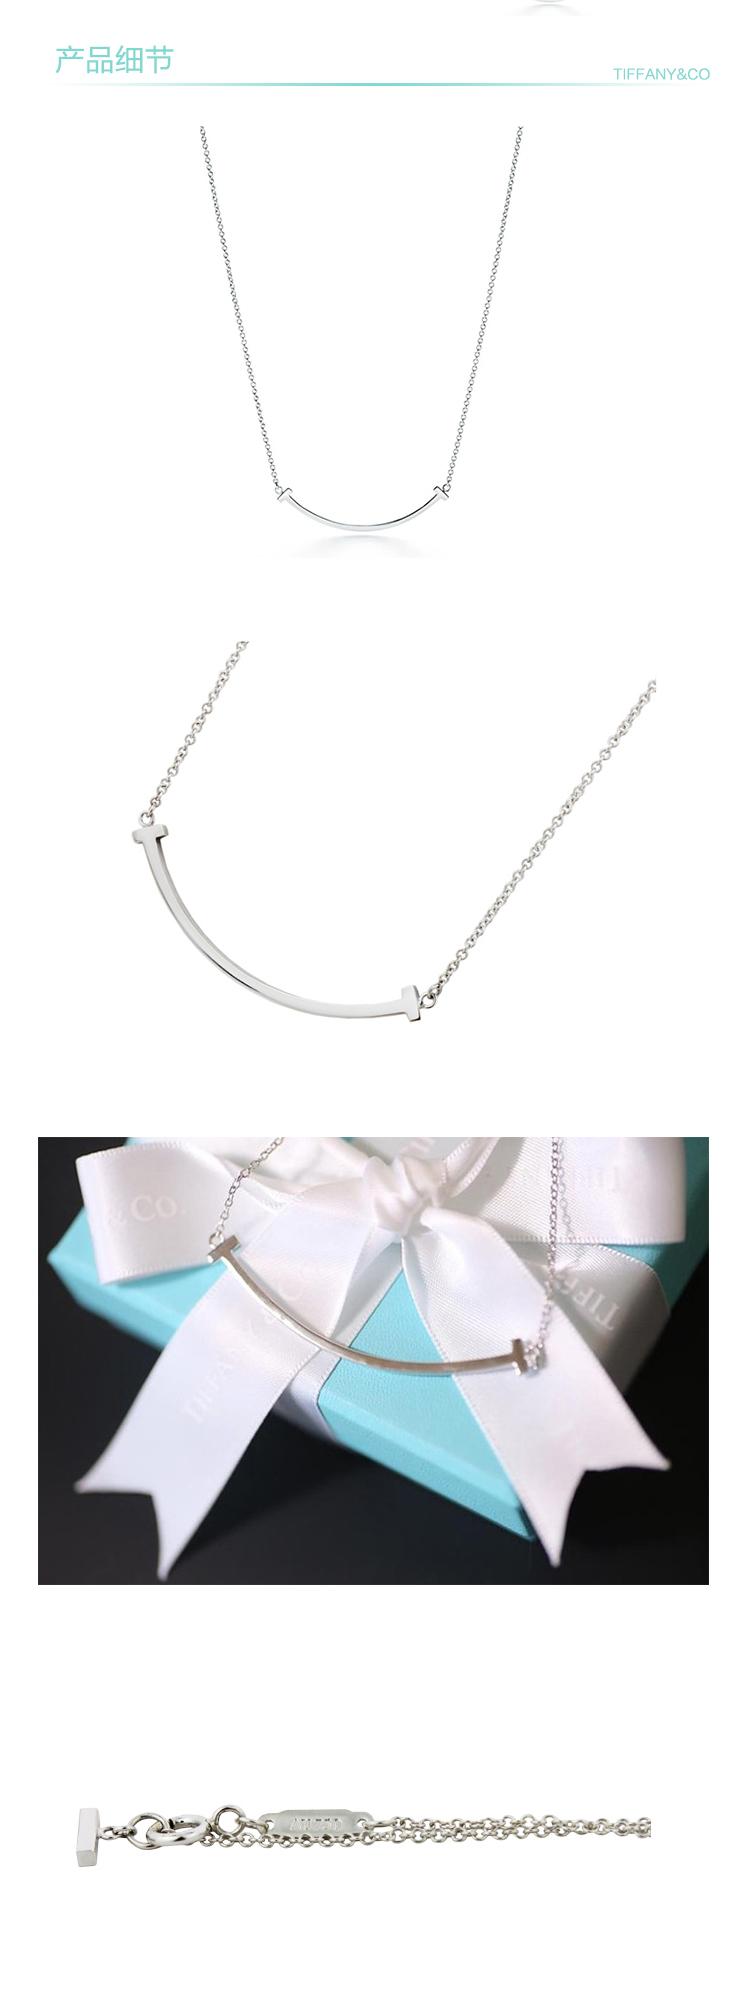 Tiffany Co. 蒂芙尼 18K白金迷你笑脸吊坠项链